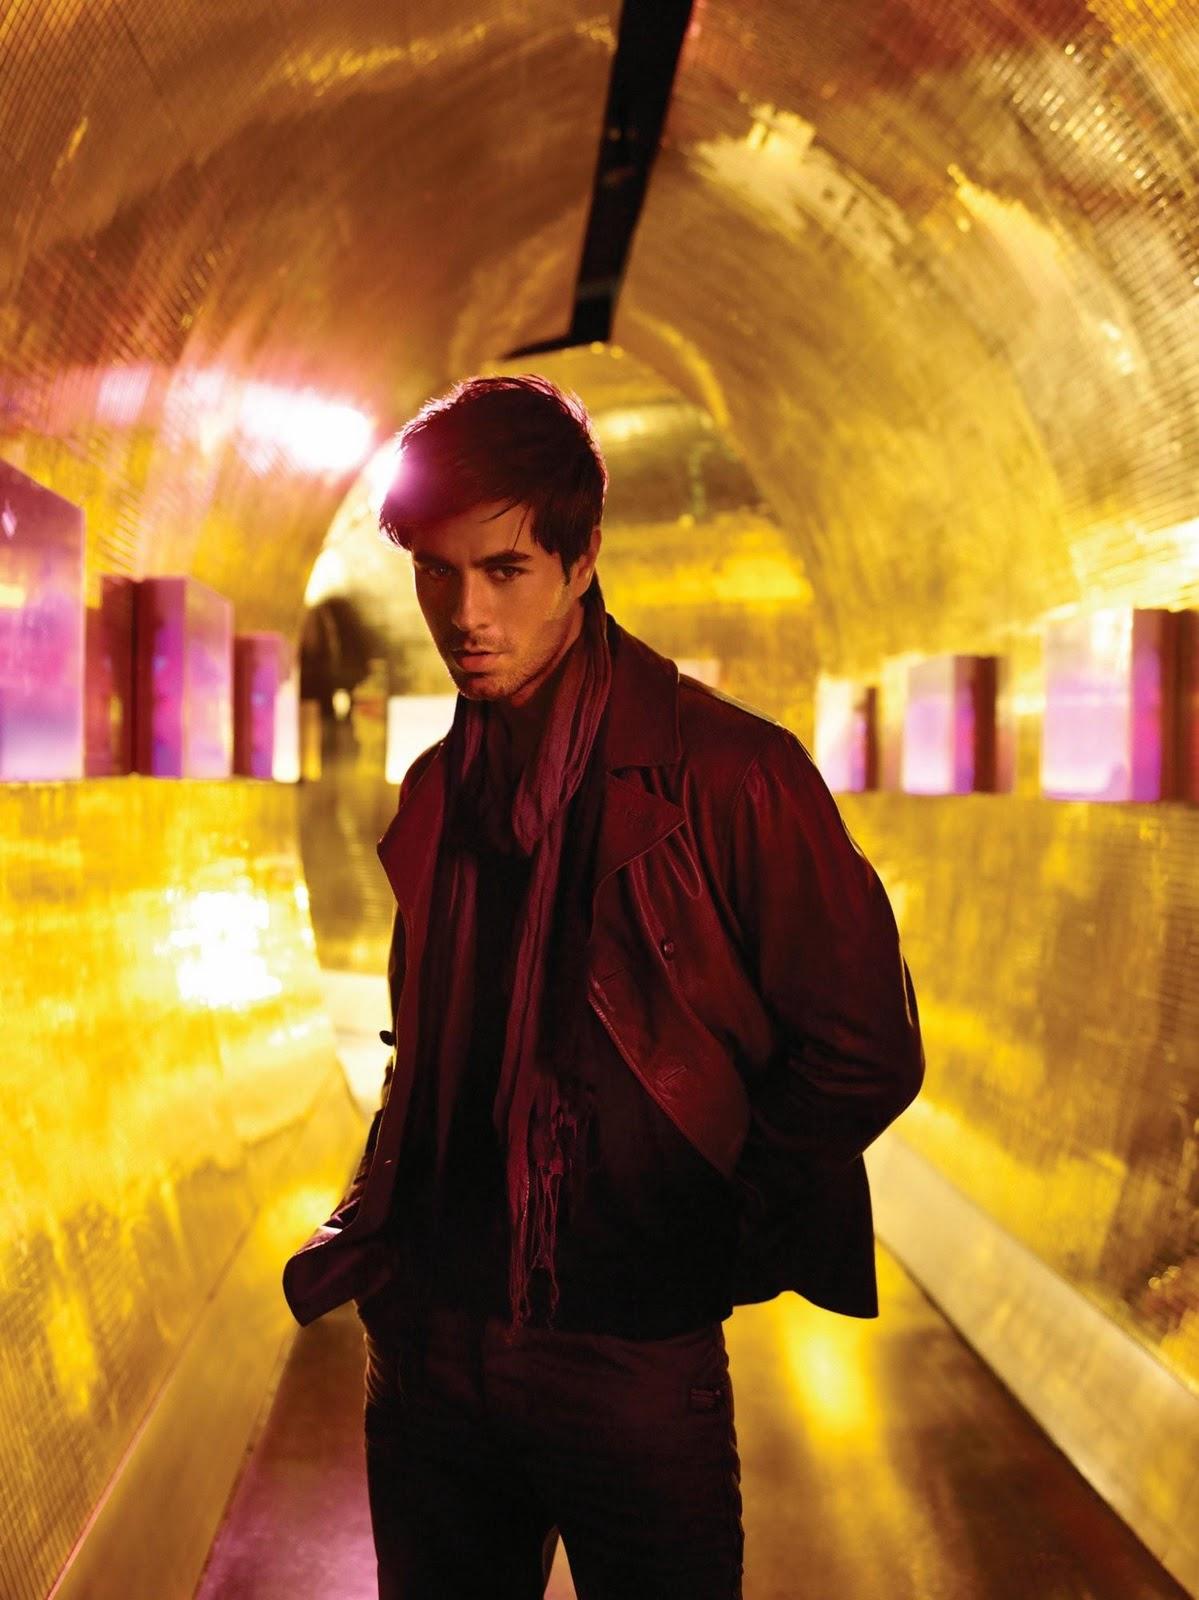 http://2.bp.blogspot.com/_lIyFl0bgYNU/TVLUppHB0NI/AAAAAAAAAig/B_qys0uxGj8/s1600/Enrique+39.jpg